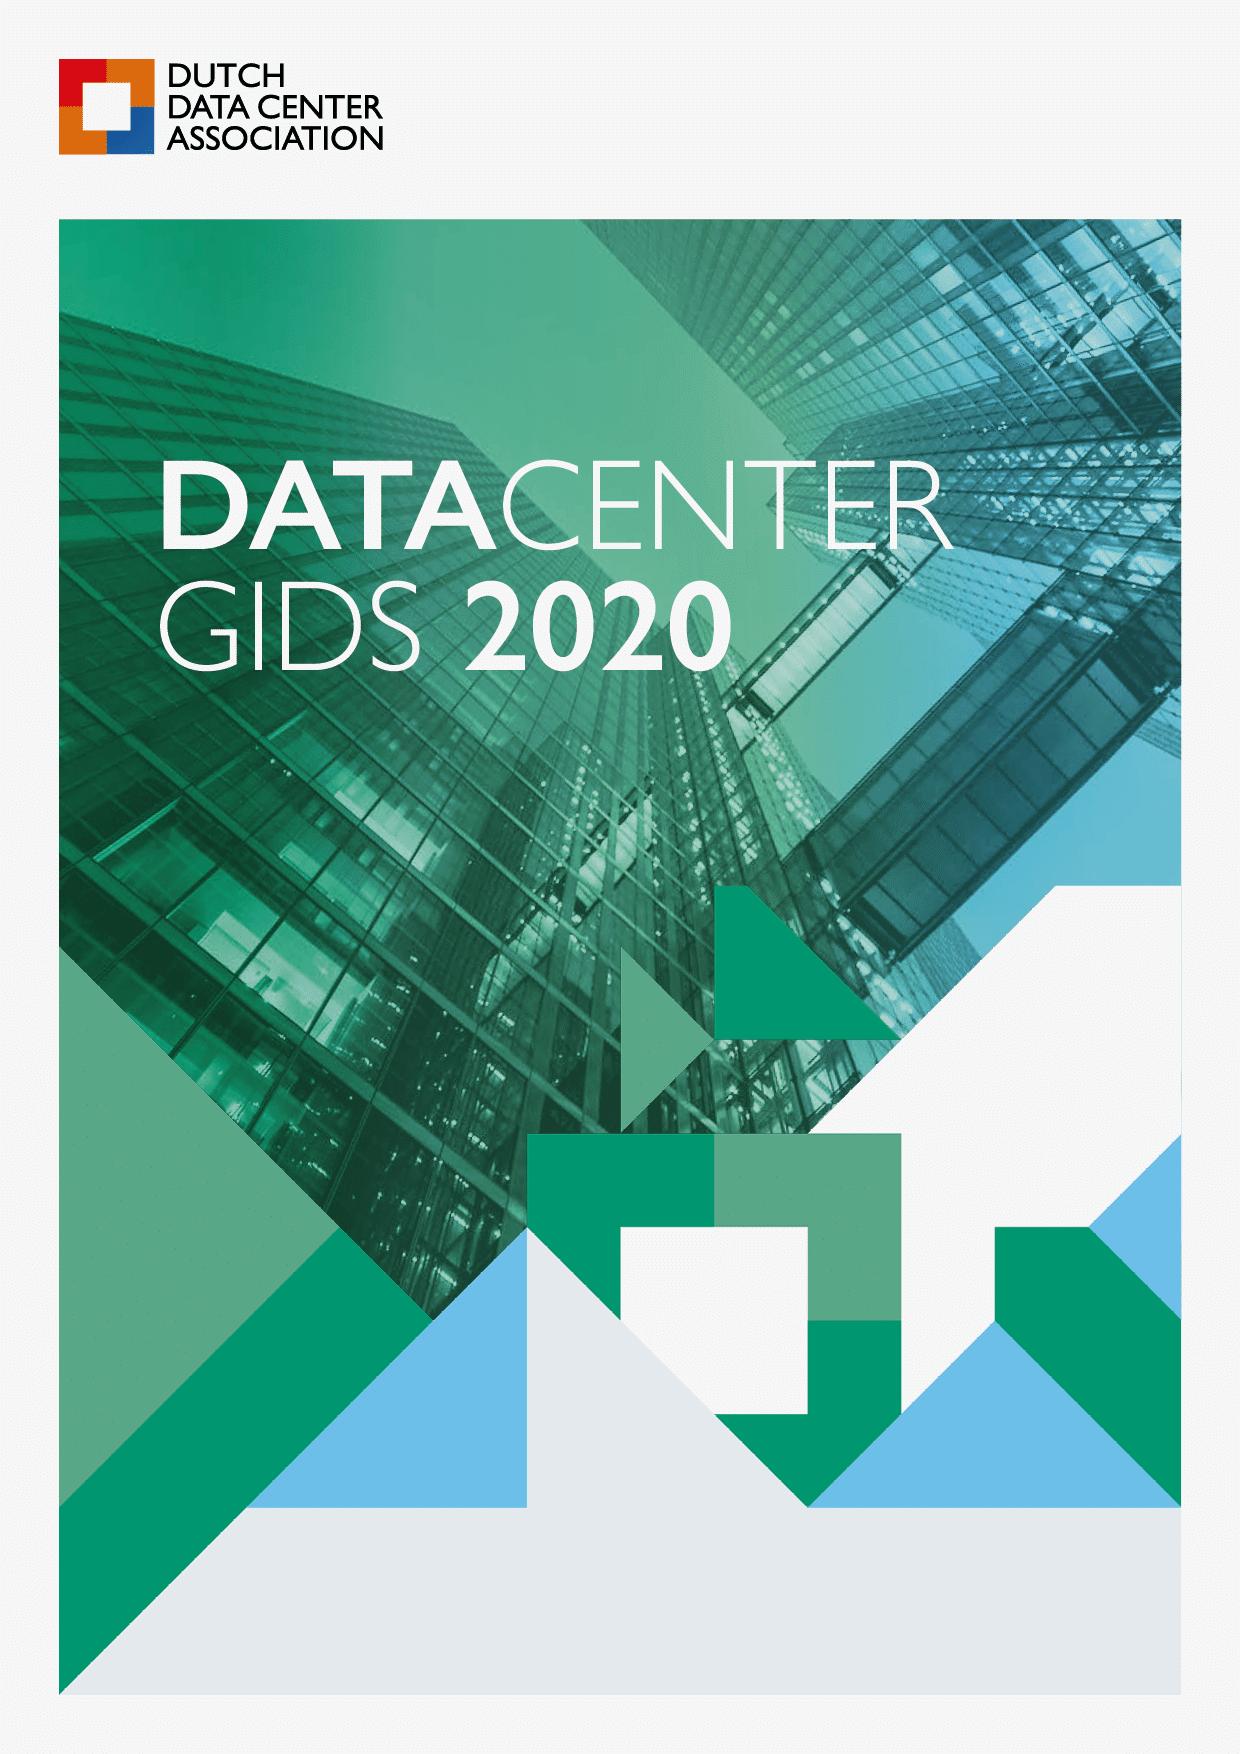 Datacenter Gids 2020